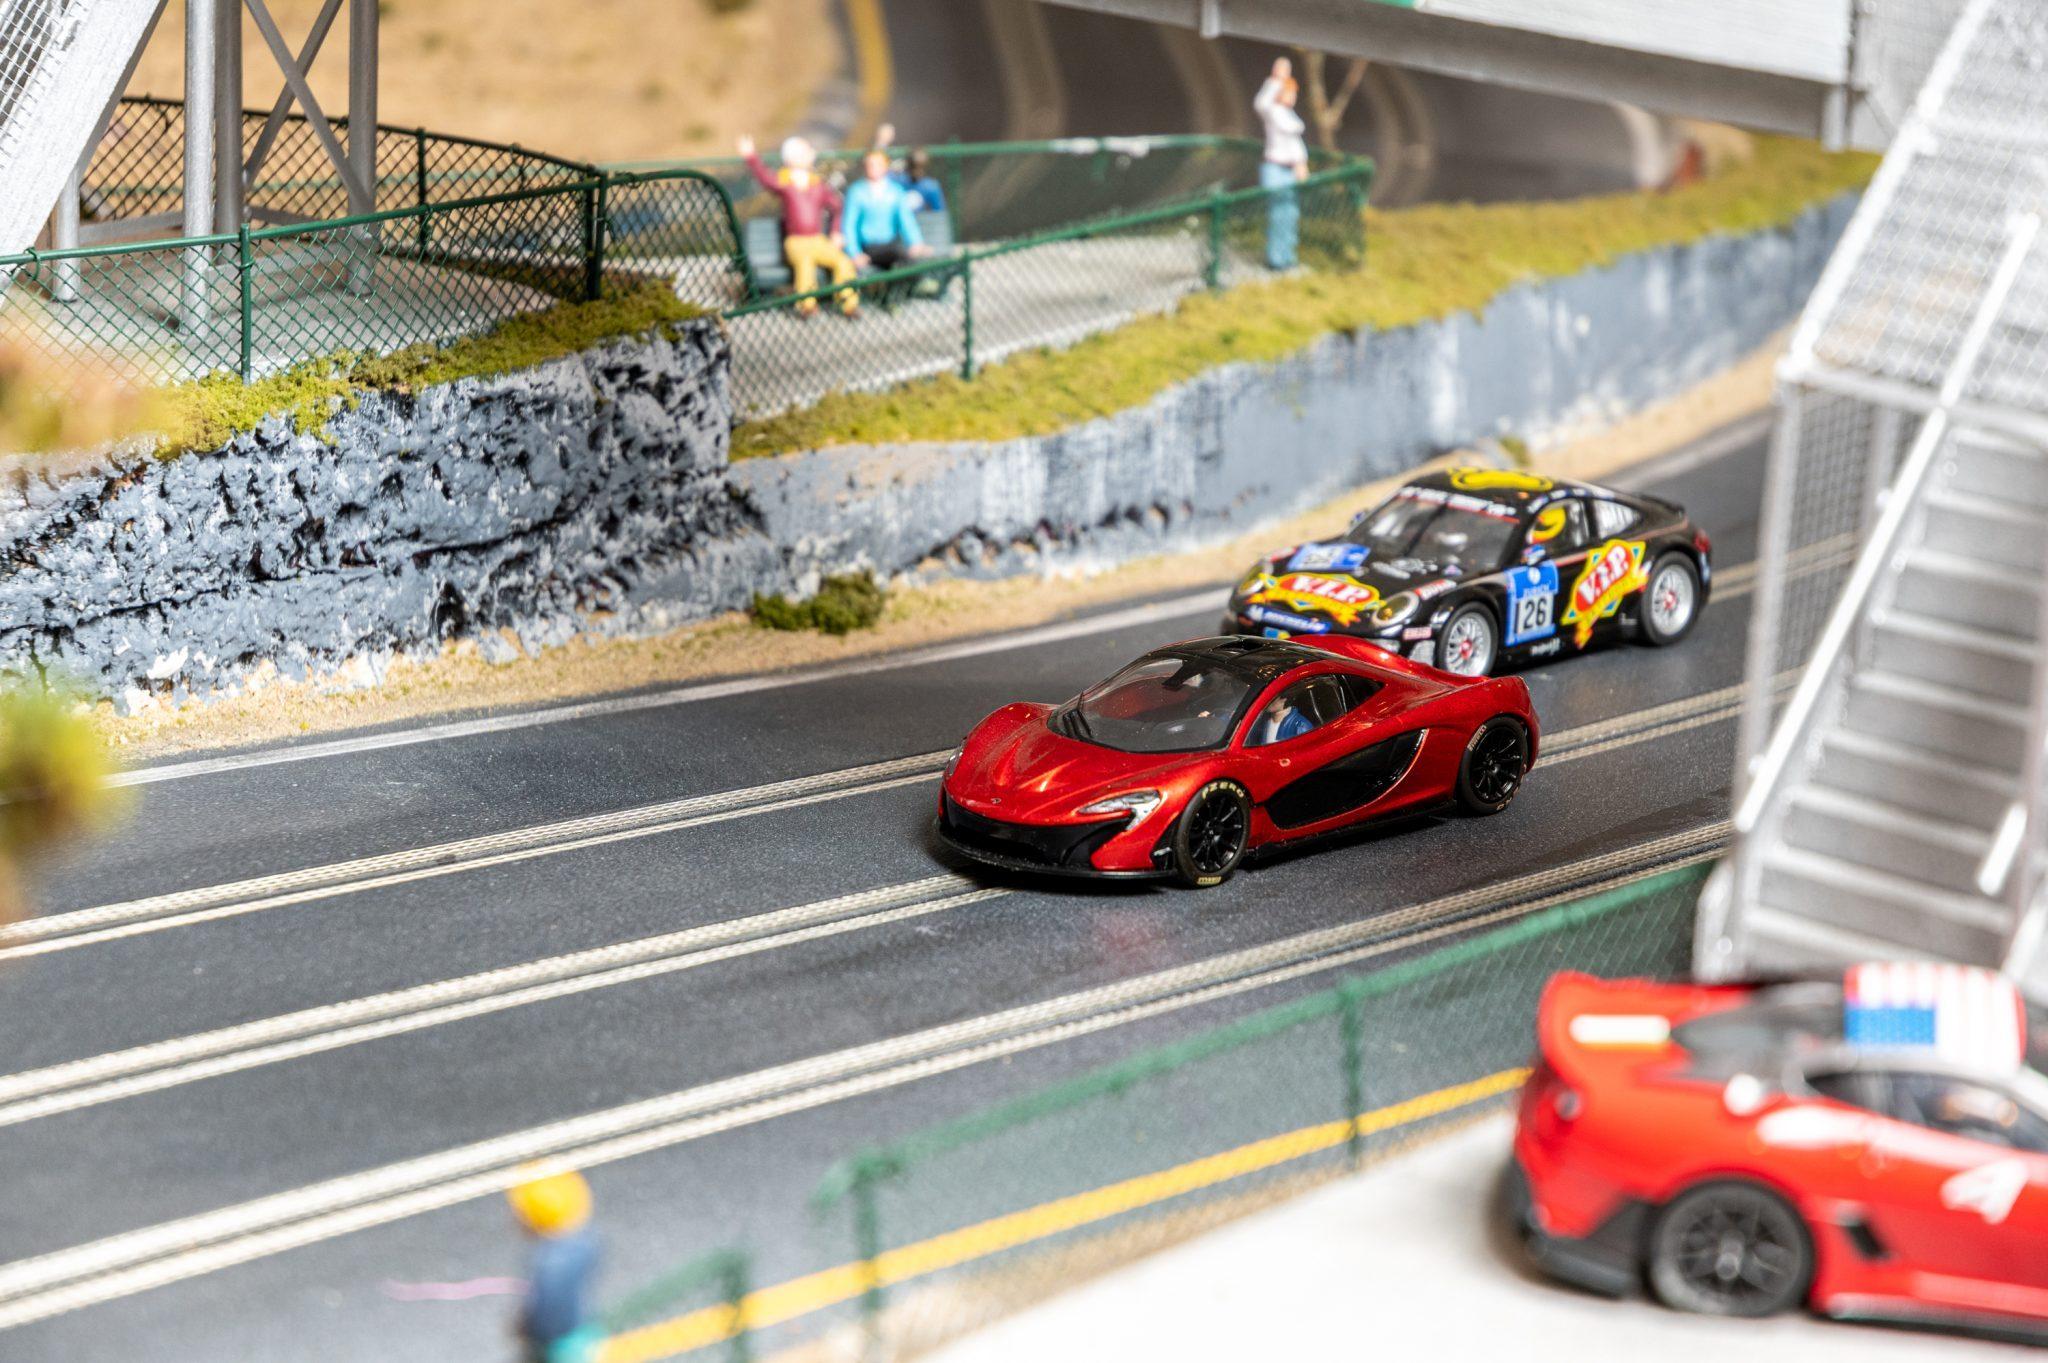 Slot Car Racetrack cars detail